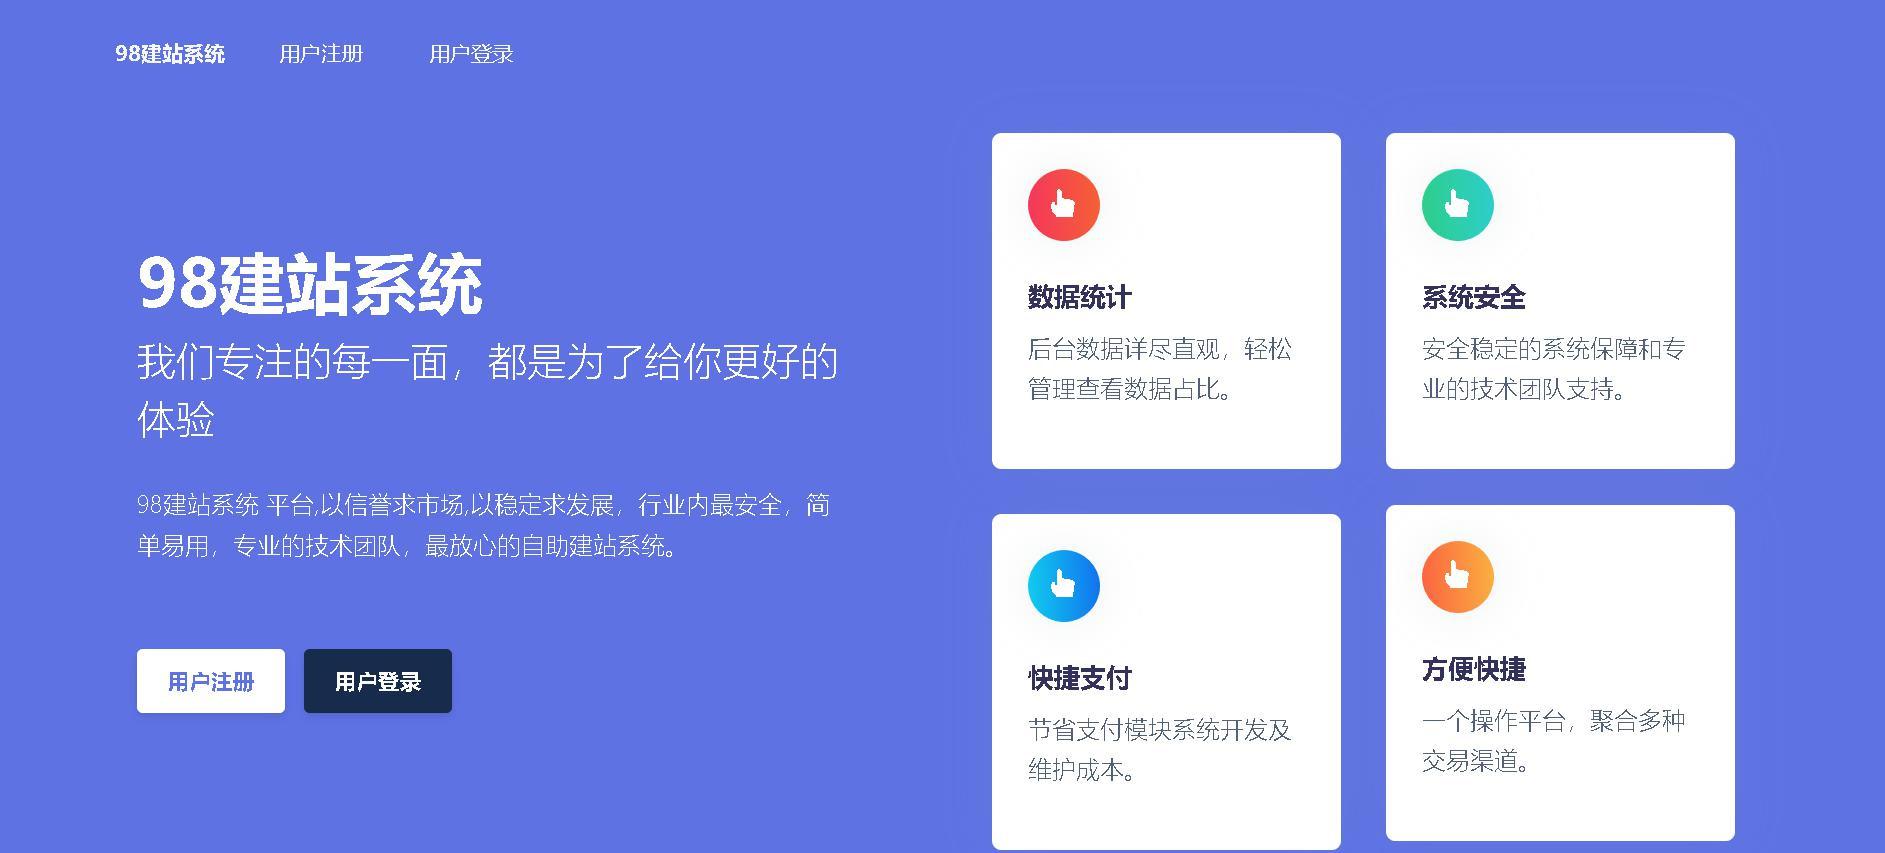 【微站网系统】免授权版傻瓜式建站系统-找主题源码